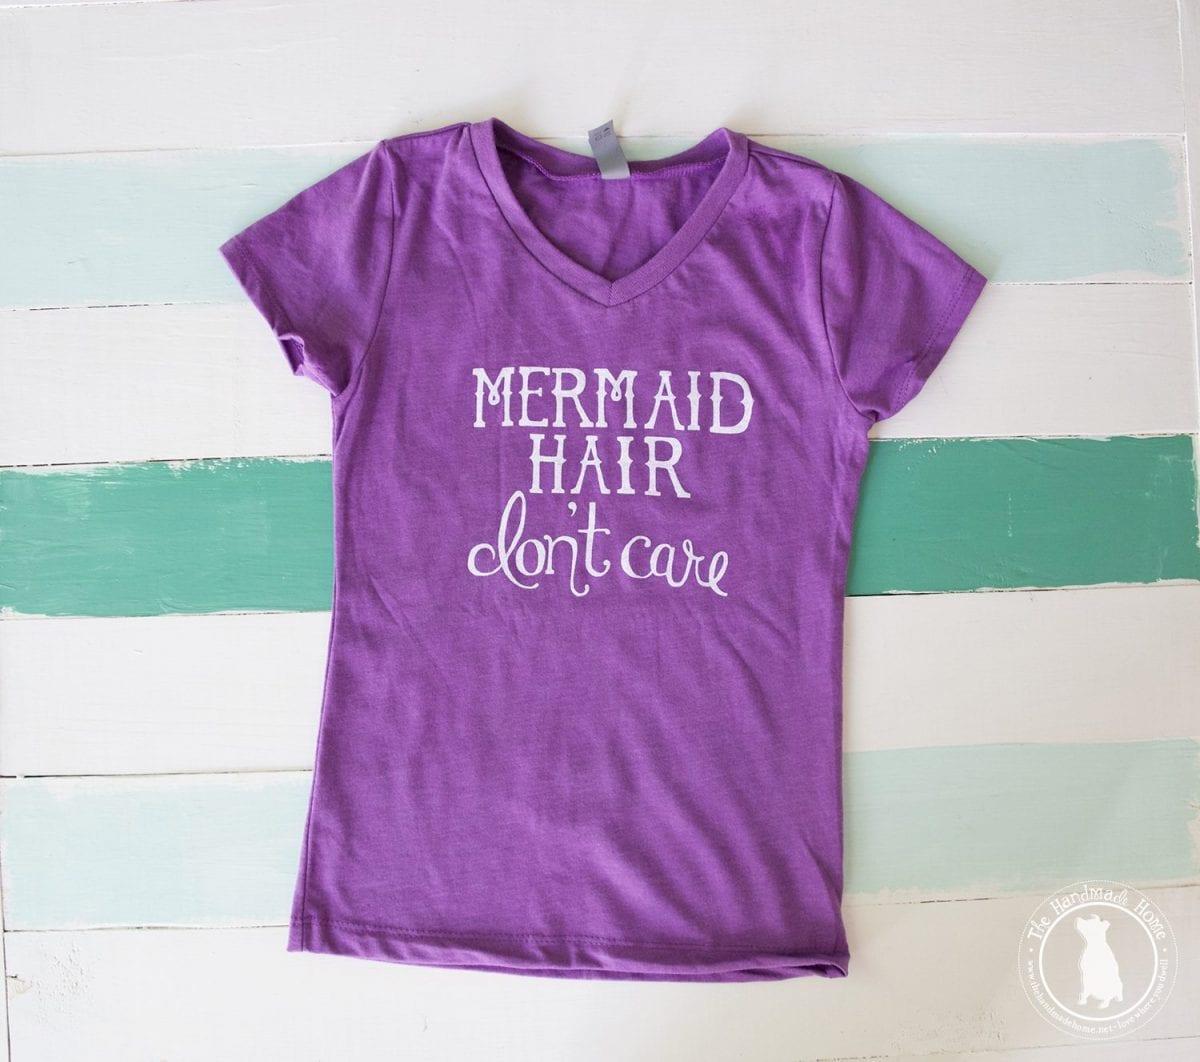 mermaid_hair_don't_care_kids